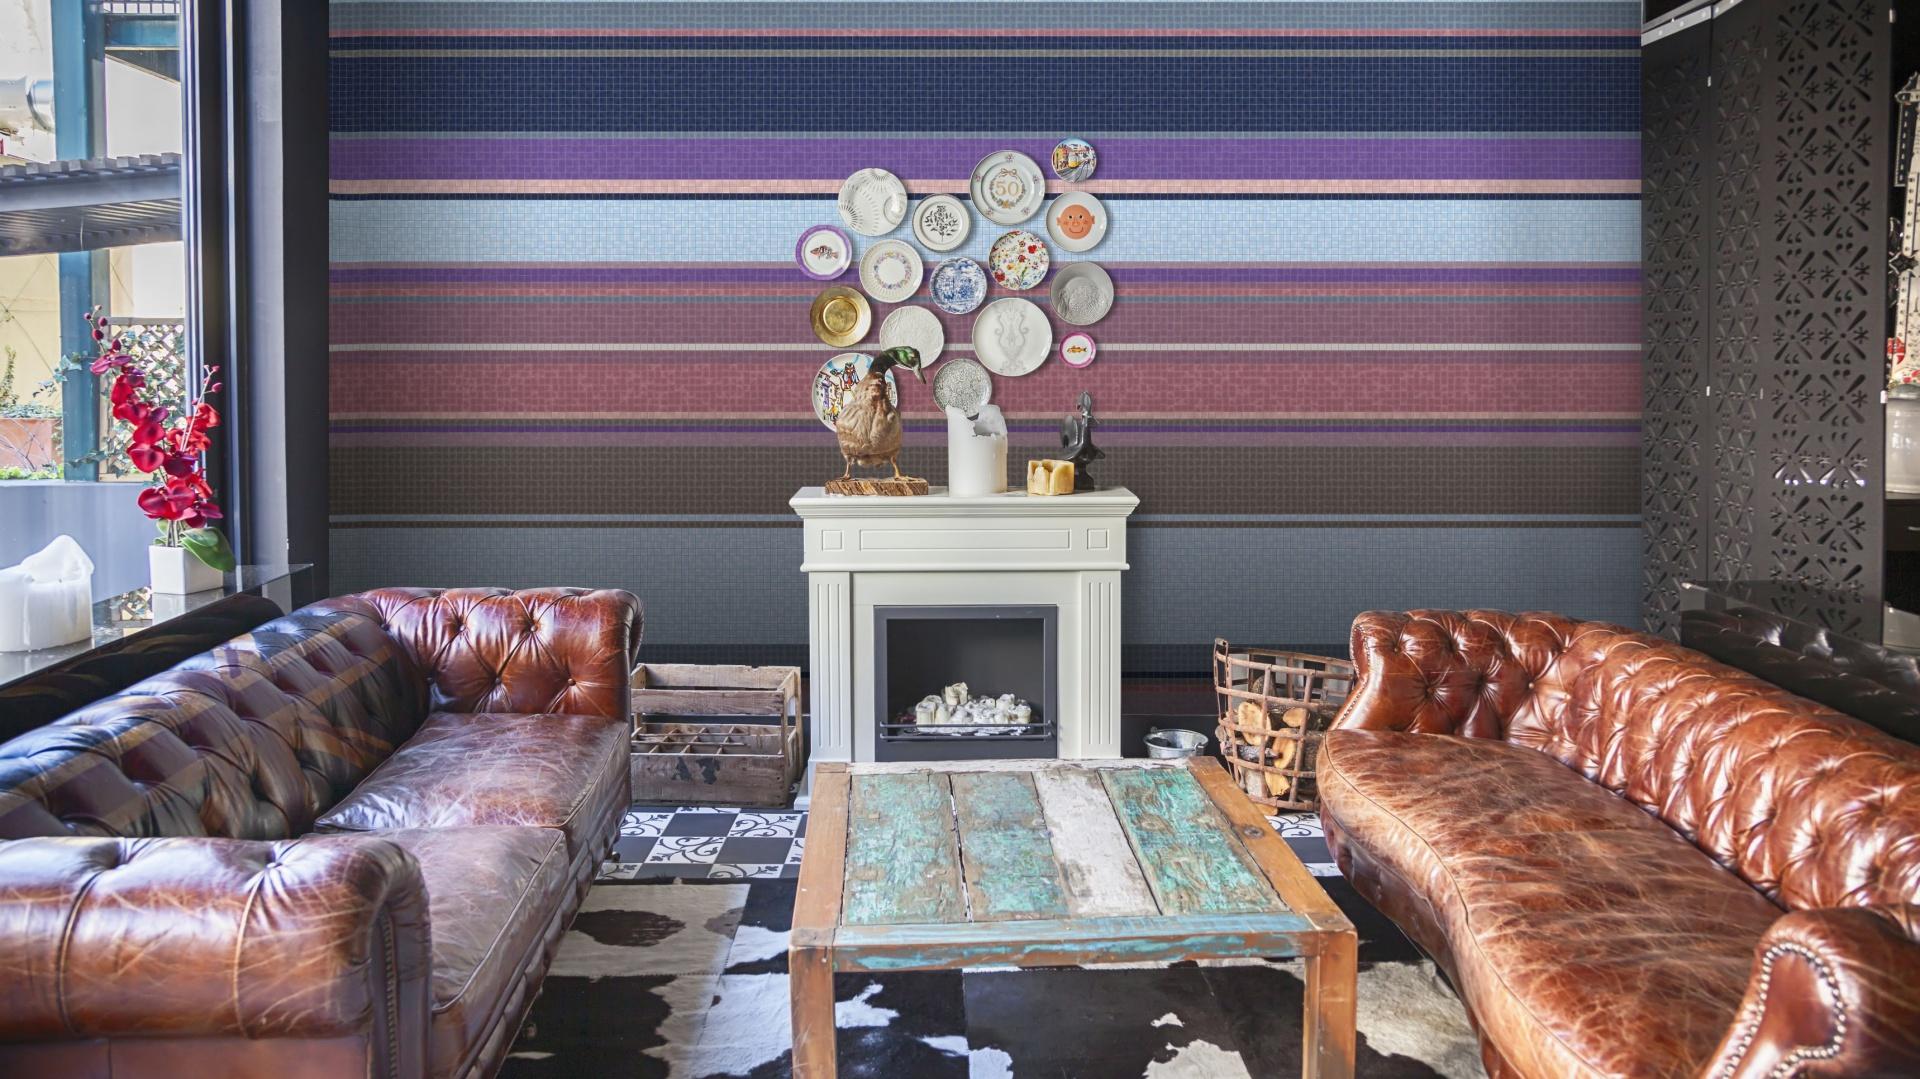 Wzory autorstwa Ewy Skrzypiec zastosowane w kolekcji mozaiki szklanej ETNO powstały z inspiracji folklorem i minimalistycznym designem. To mozaiki utrzymane w stylistyce geometrycznego haftu. 600 zł/m². Fot. Trufle Mozaiki